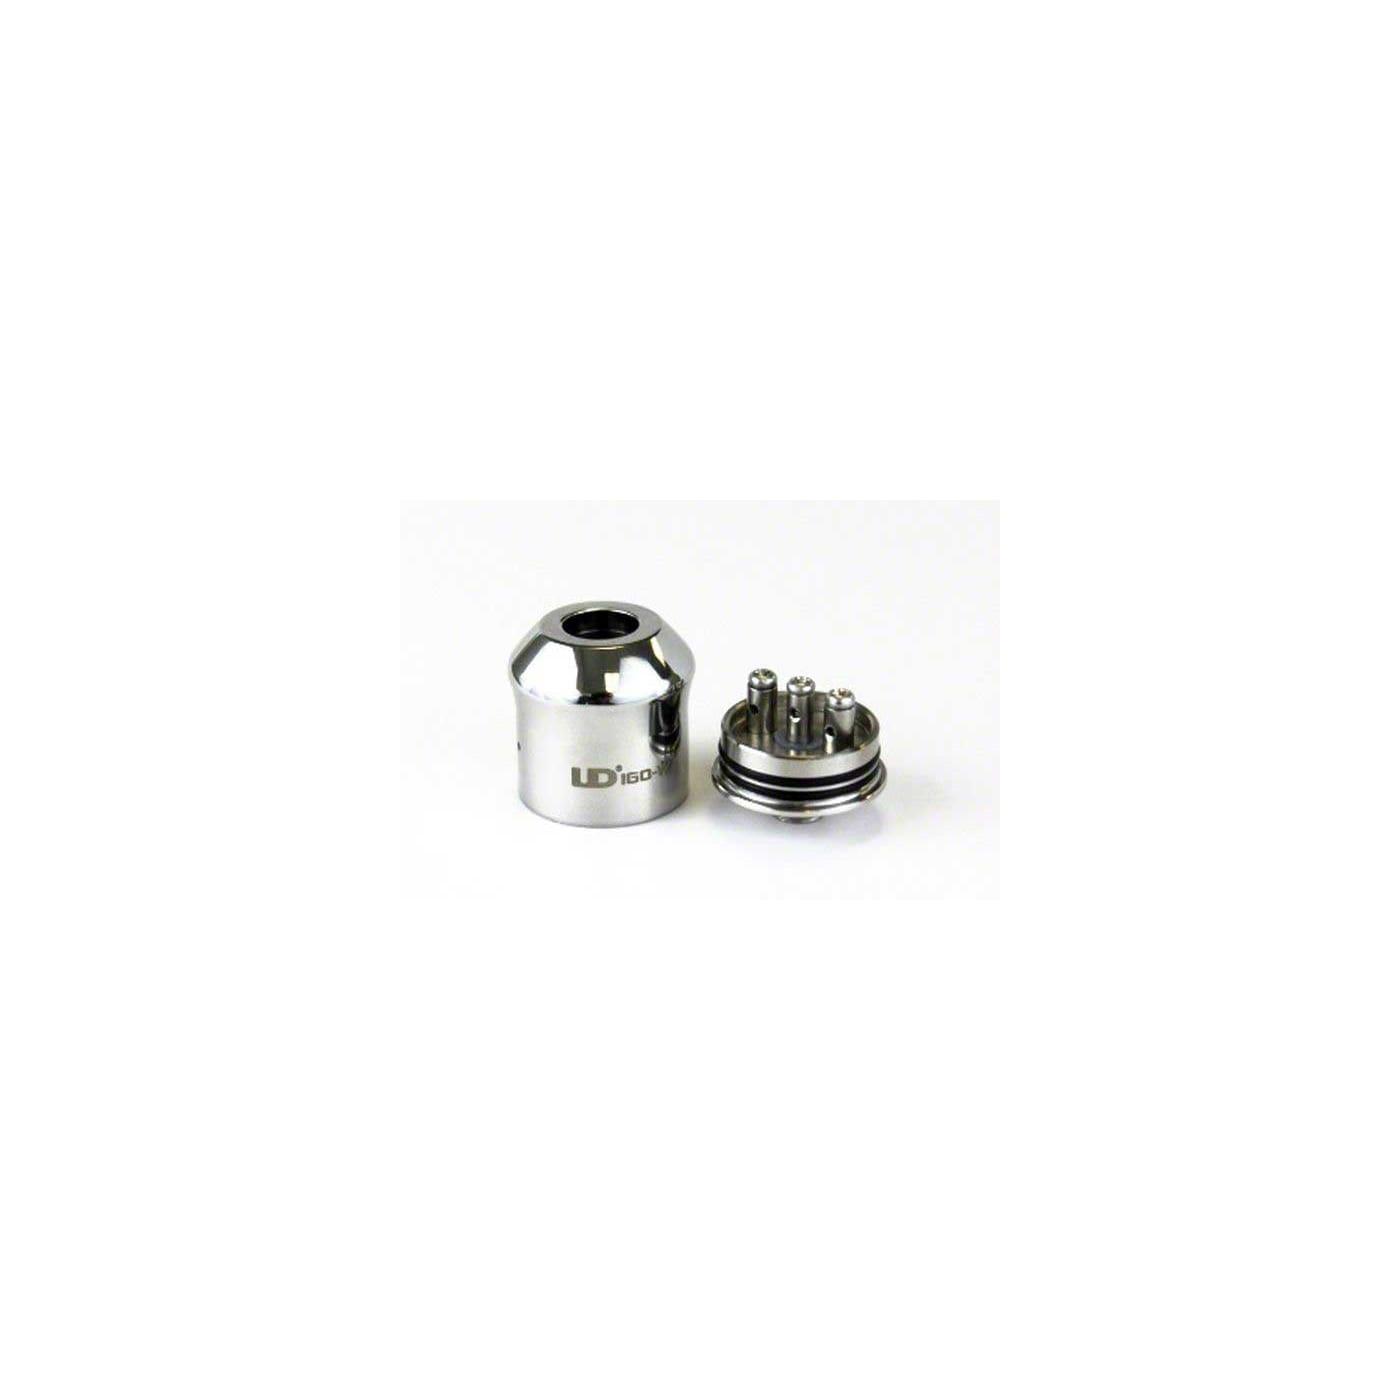 IGO-W4 Dual Coil Rebuildable Atomizer